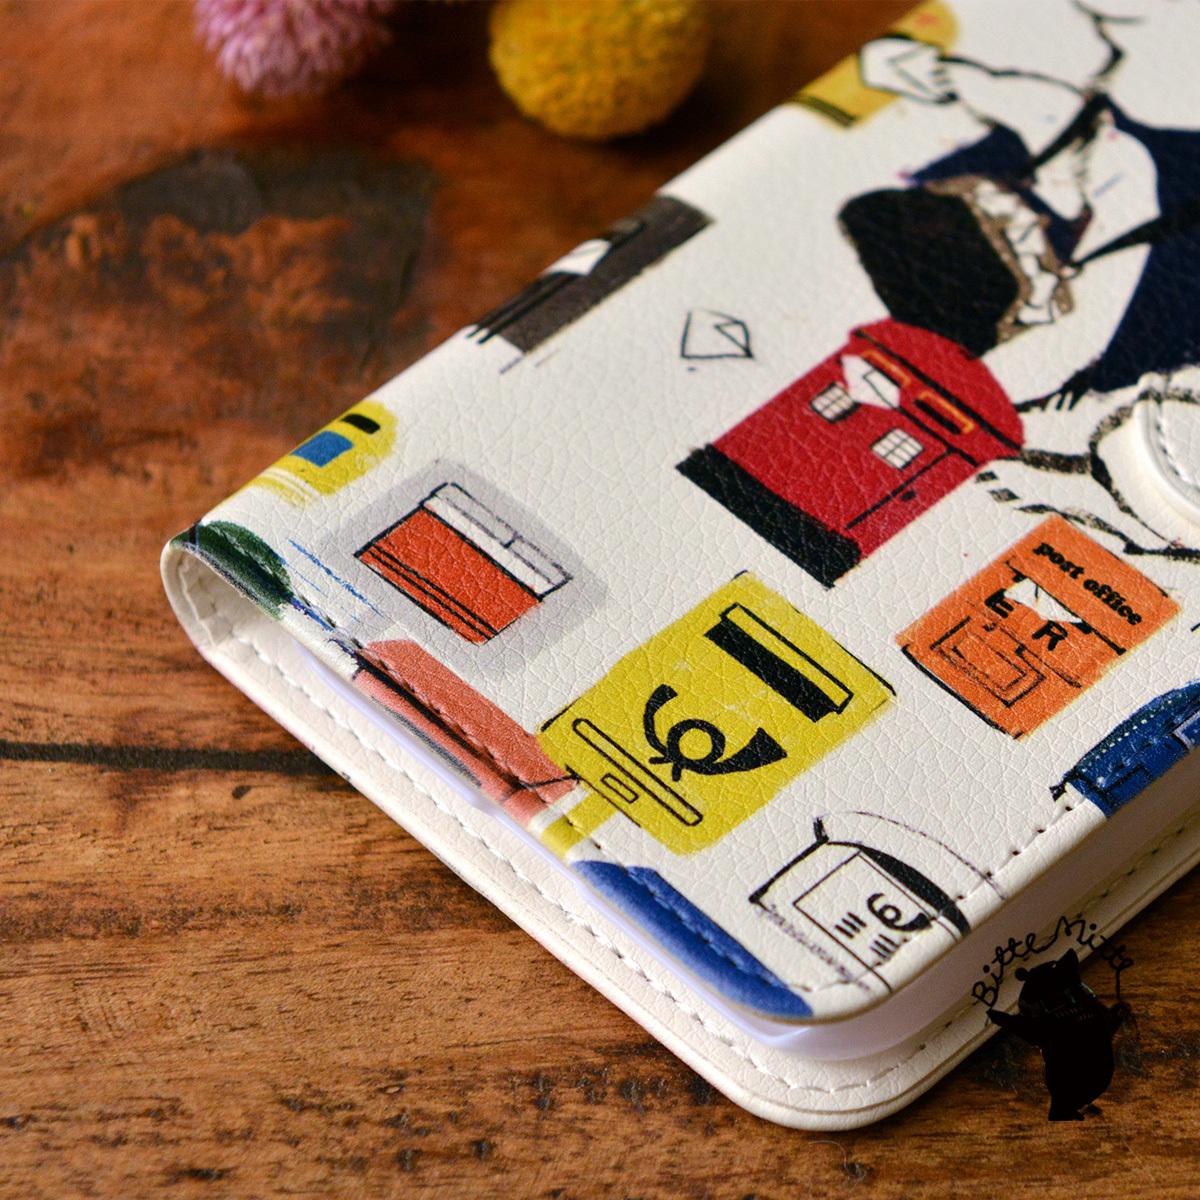 【訳あり】スマホケース iphone8 手帳型 おしゃれ iphone8 カバー ケース 手帳型 iphone7 ケース おしゃれ 手帳 白くま シロクマ クルトの配達/Bitte Mitte!【bm-iph8t-08029-B1】